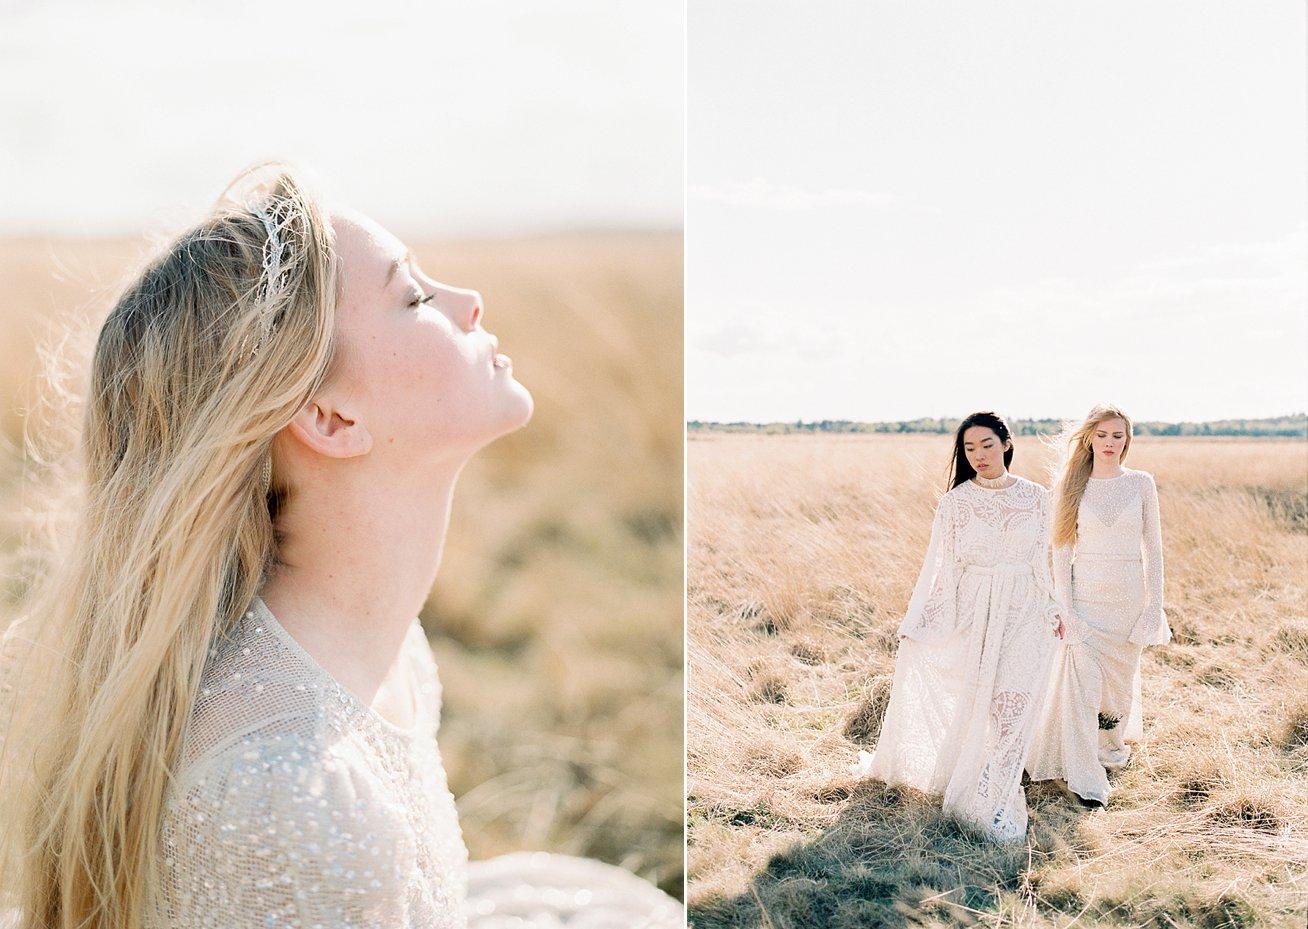 Amanda-Drost-modefotograaf-fashion-photography-editorial-odylyne-weddingdress_0027.jpg